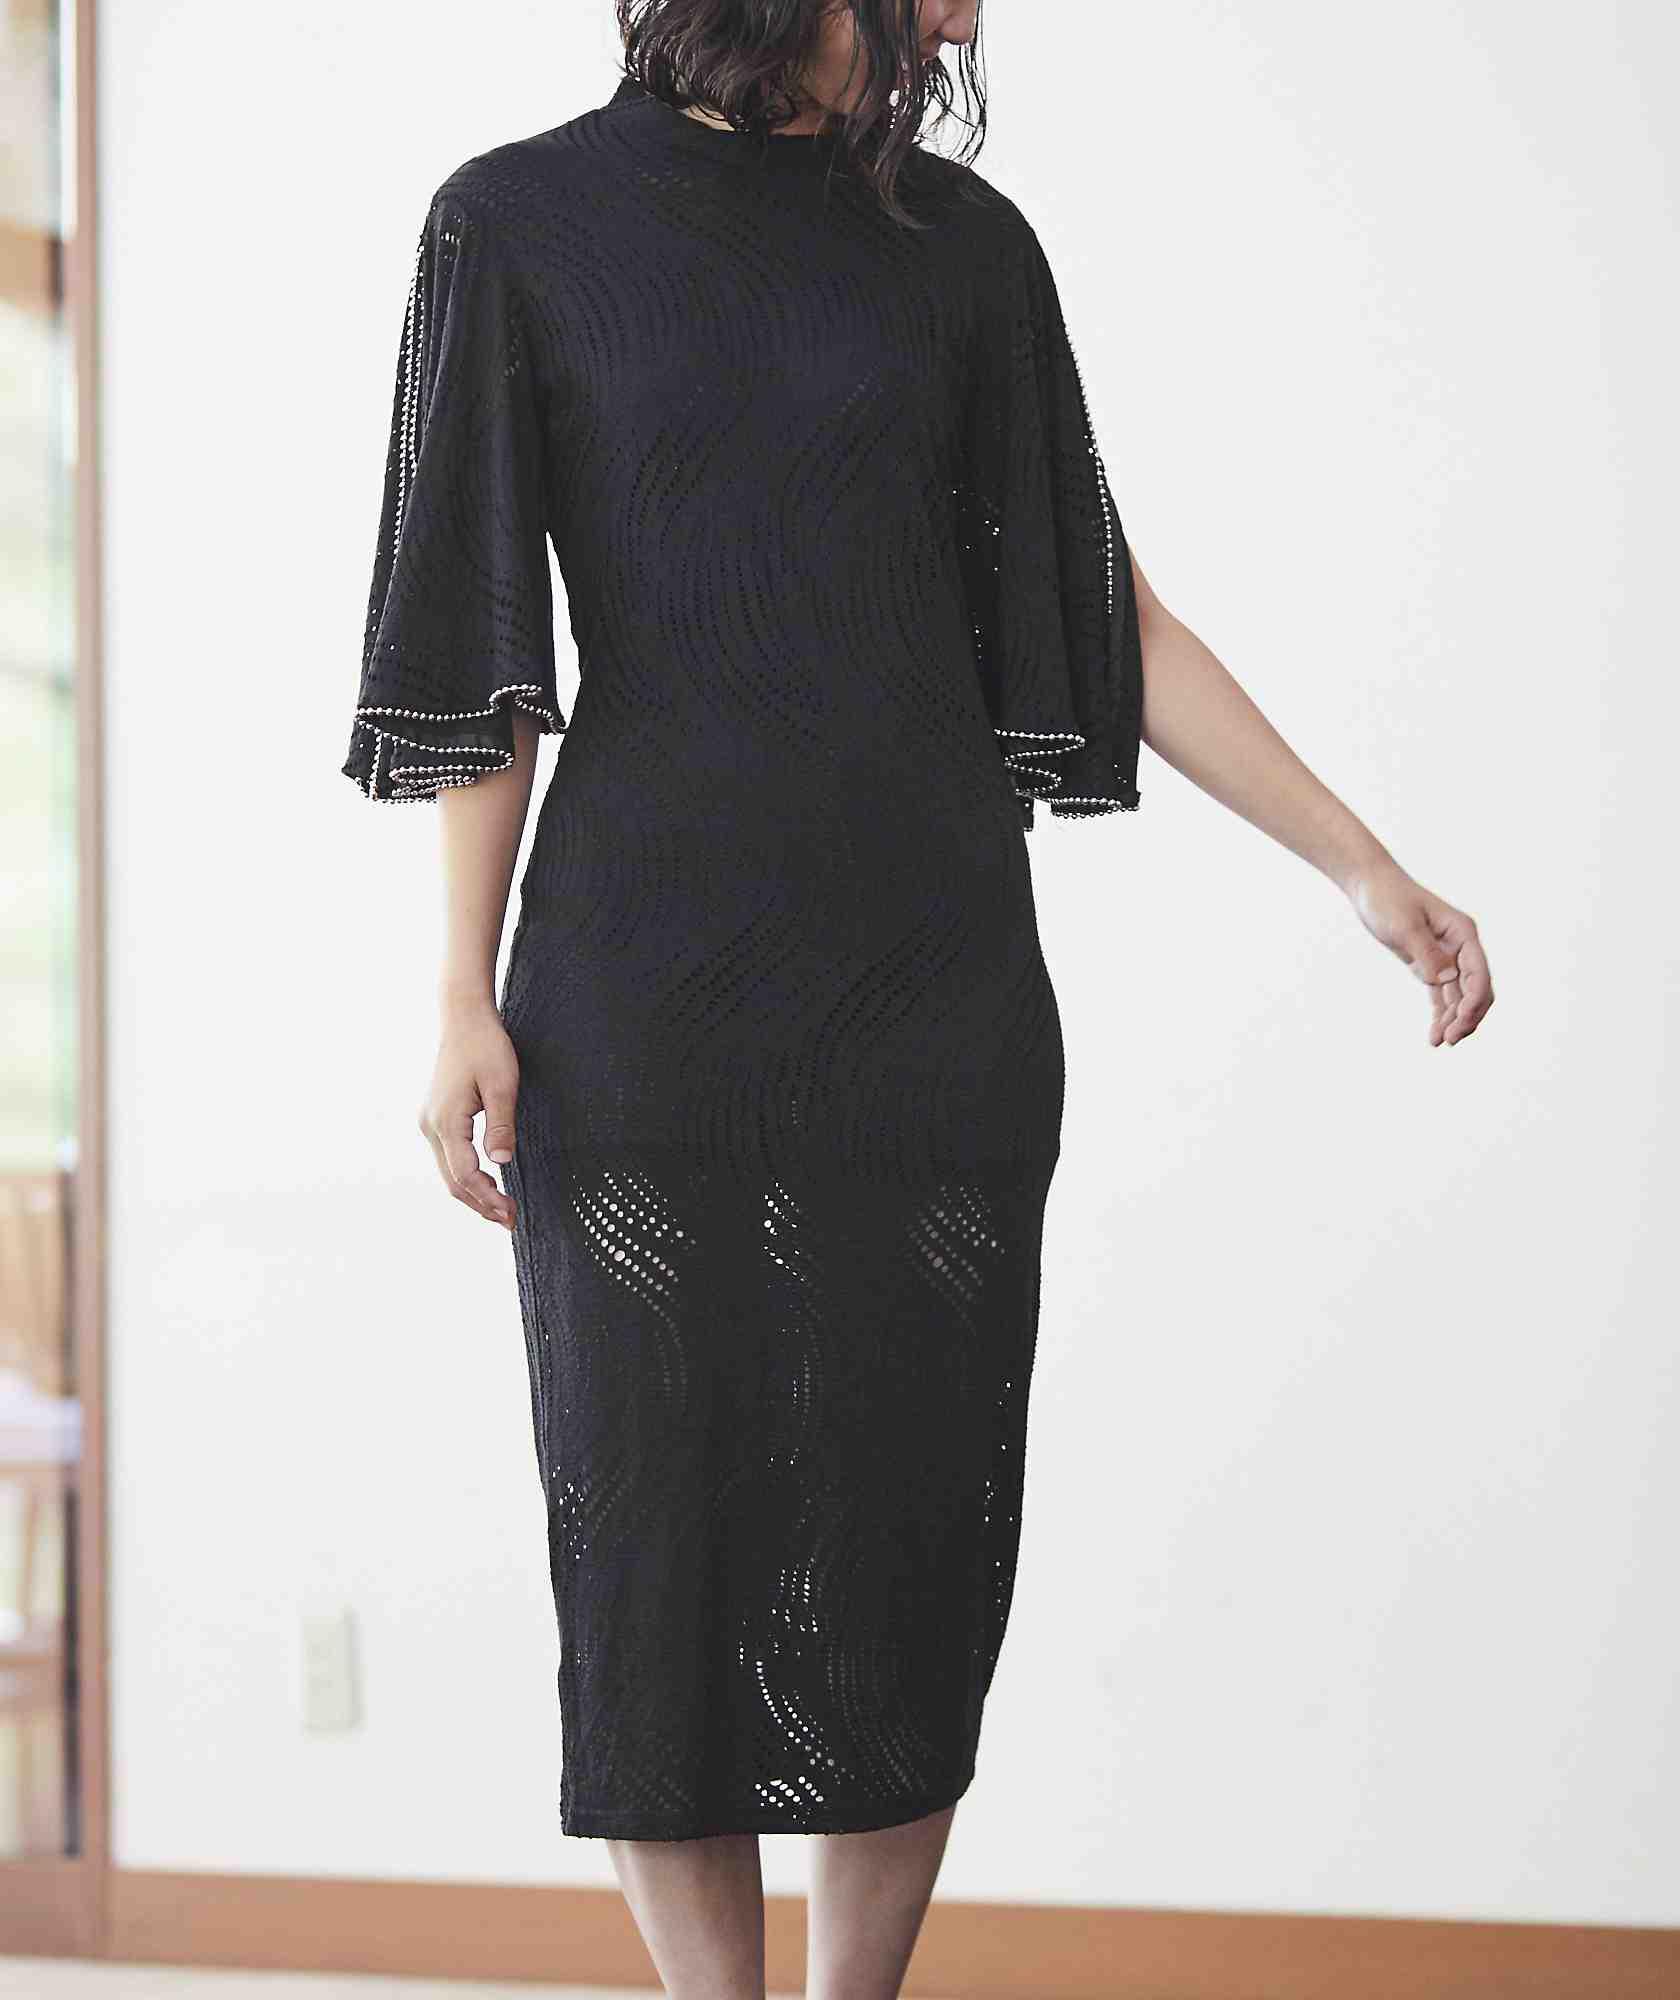 スリーブデザインタイトミディアムドレス-ブラック-M-L